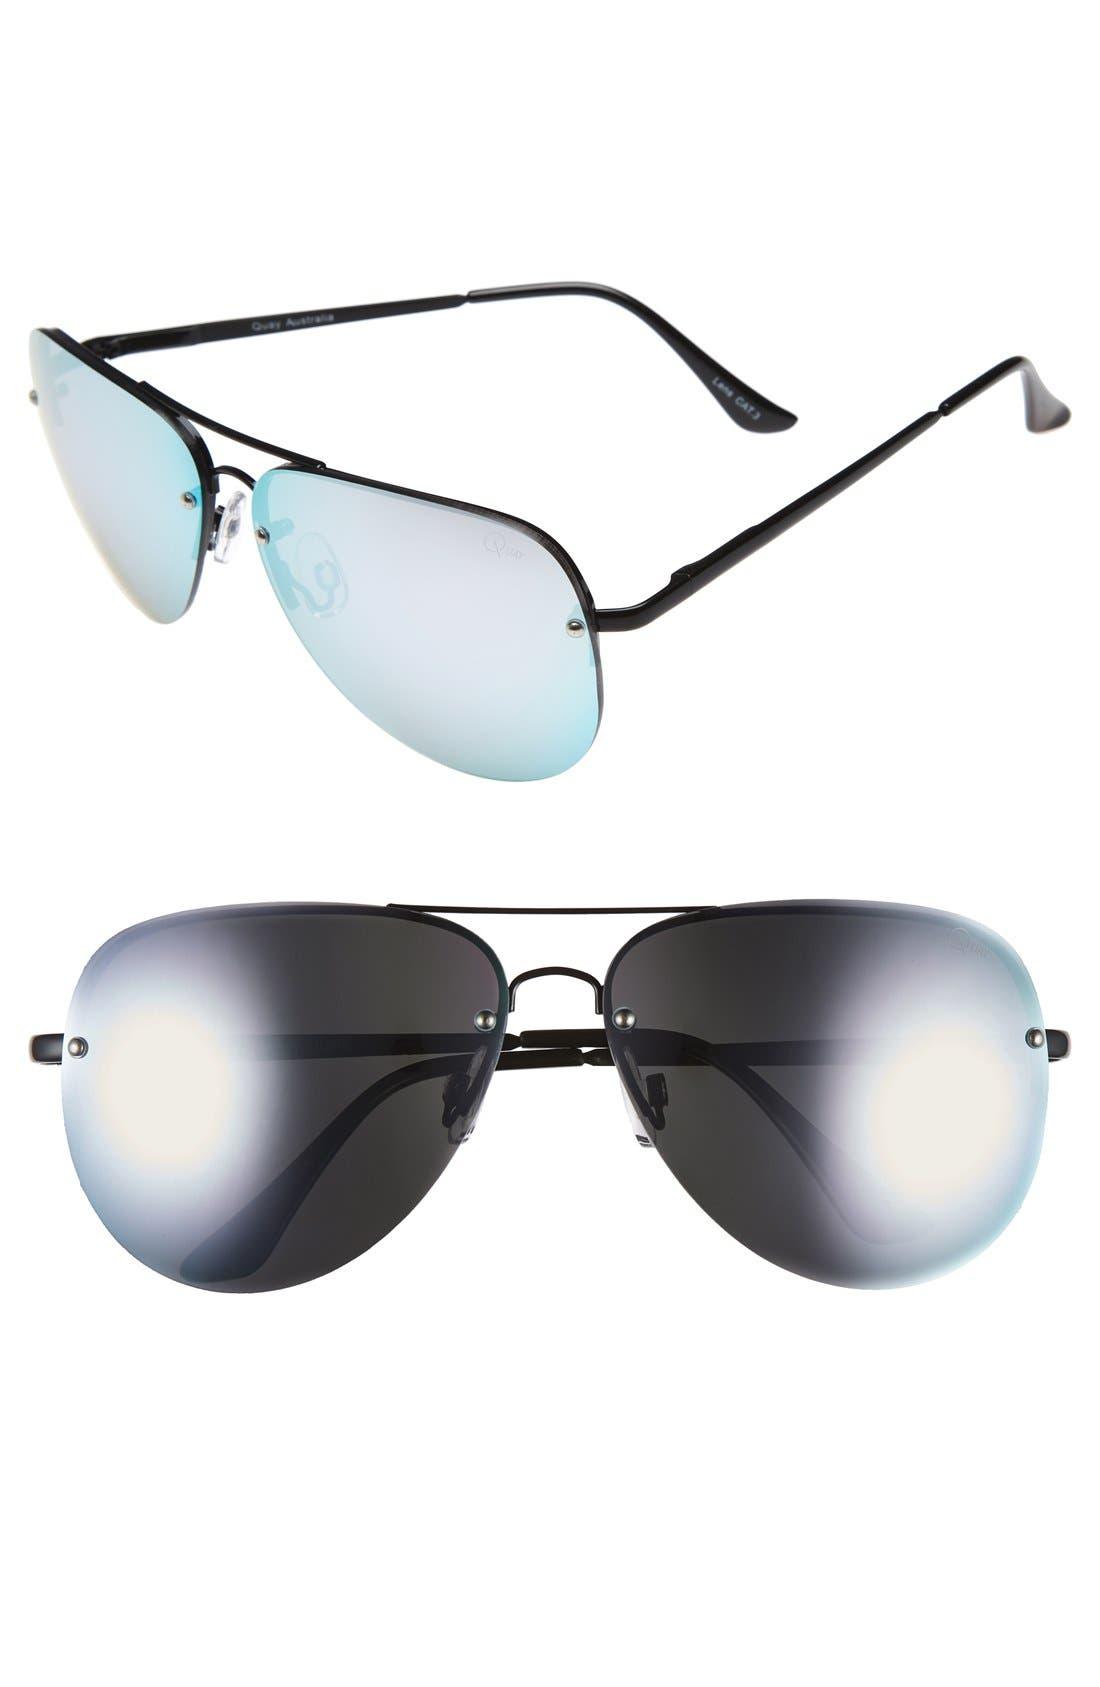 Main Image - Quay Australia 'Muse' 65mm Mirrored Aviator Sunglasses